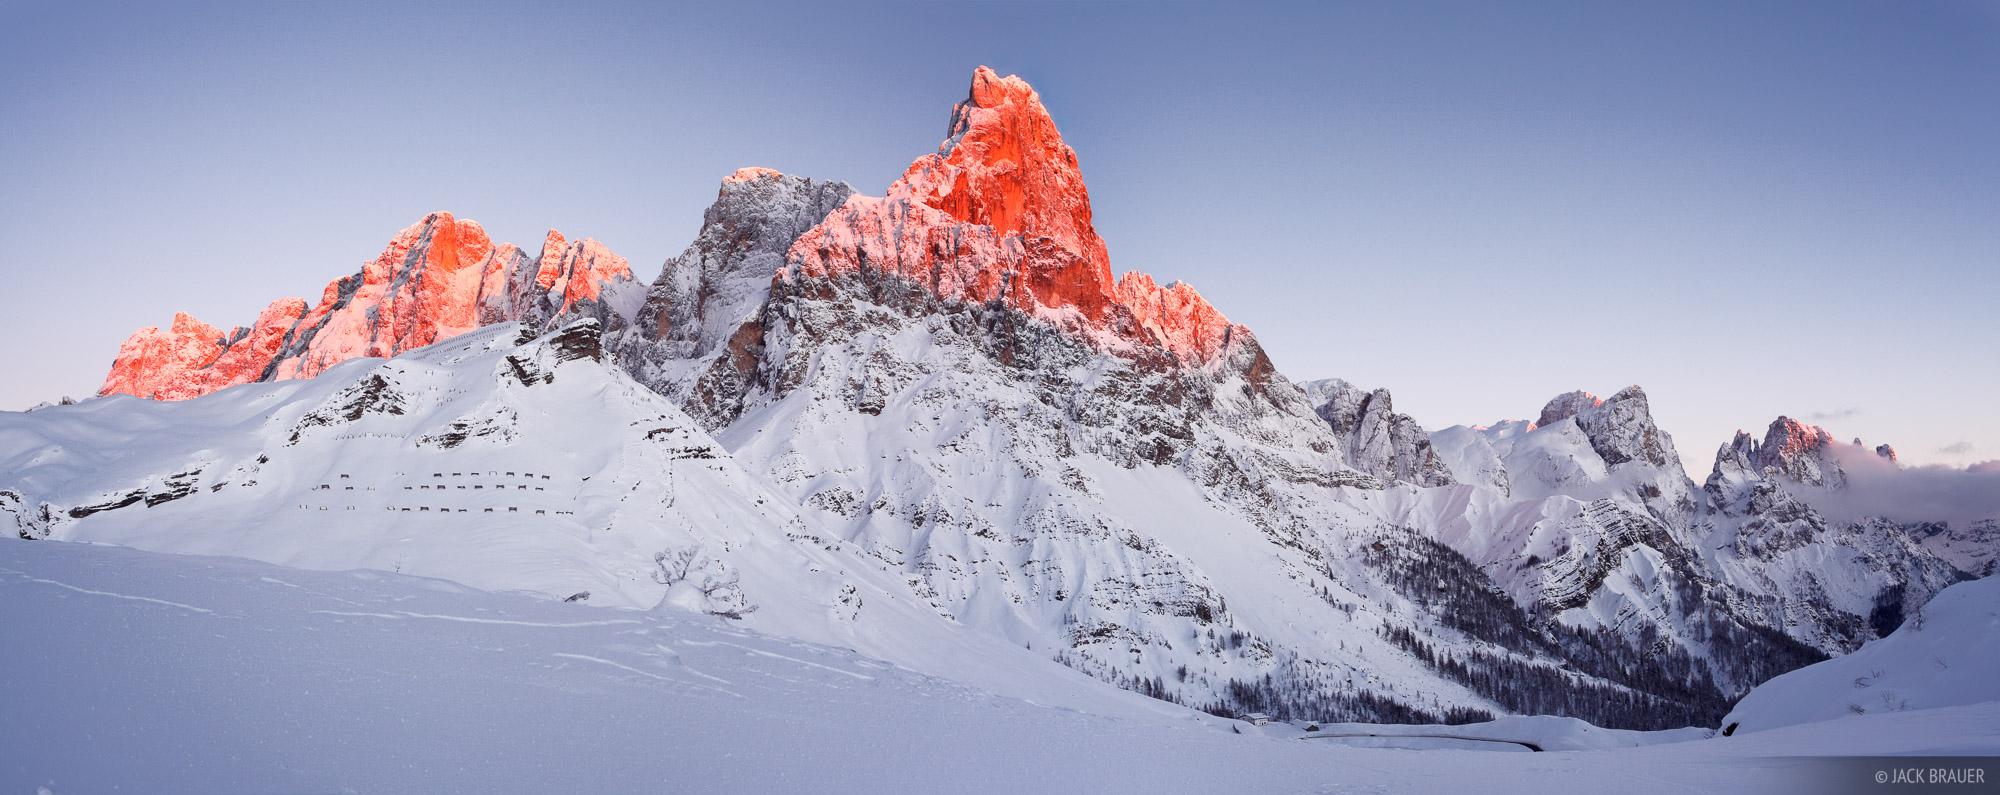 Pale di San Martino, Cimon della Pala, enrosadira, panorama, Dolomites, Italy, photo